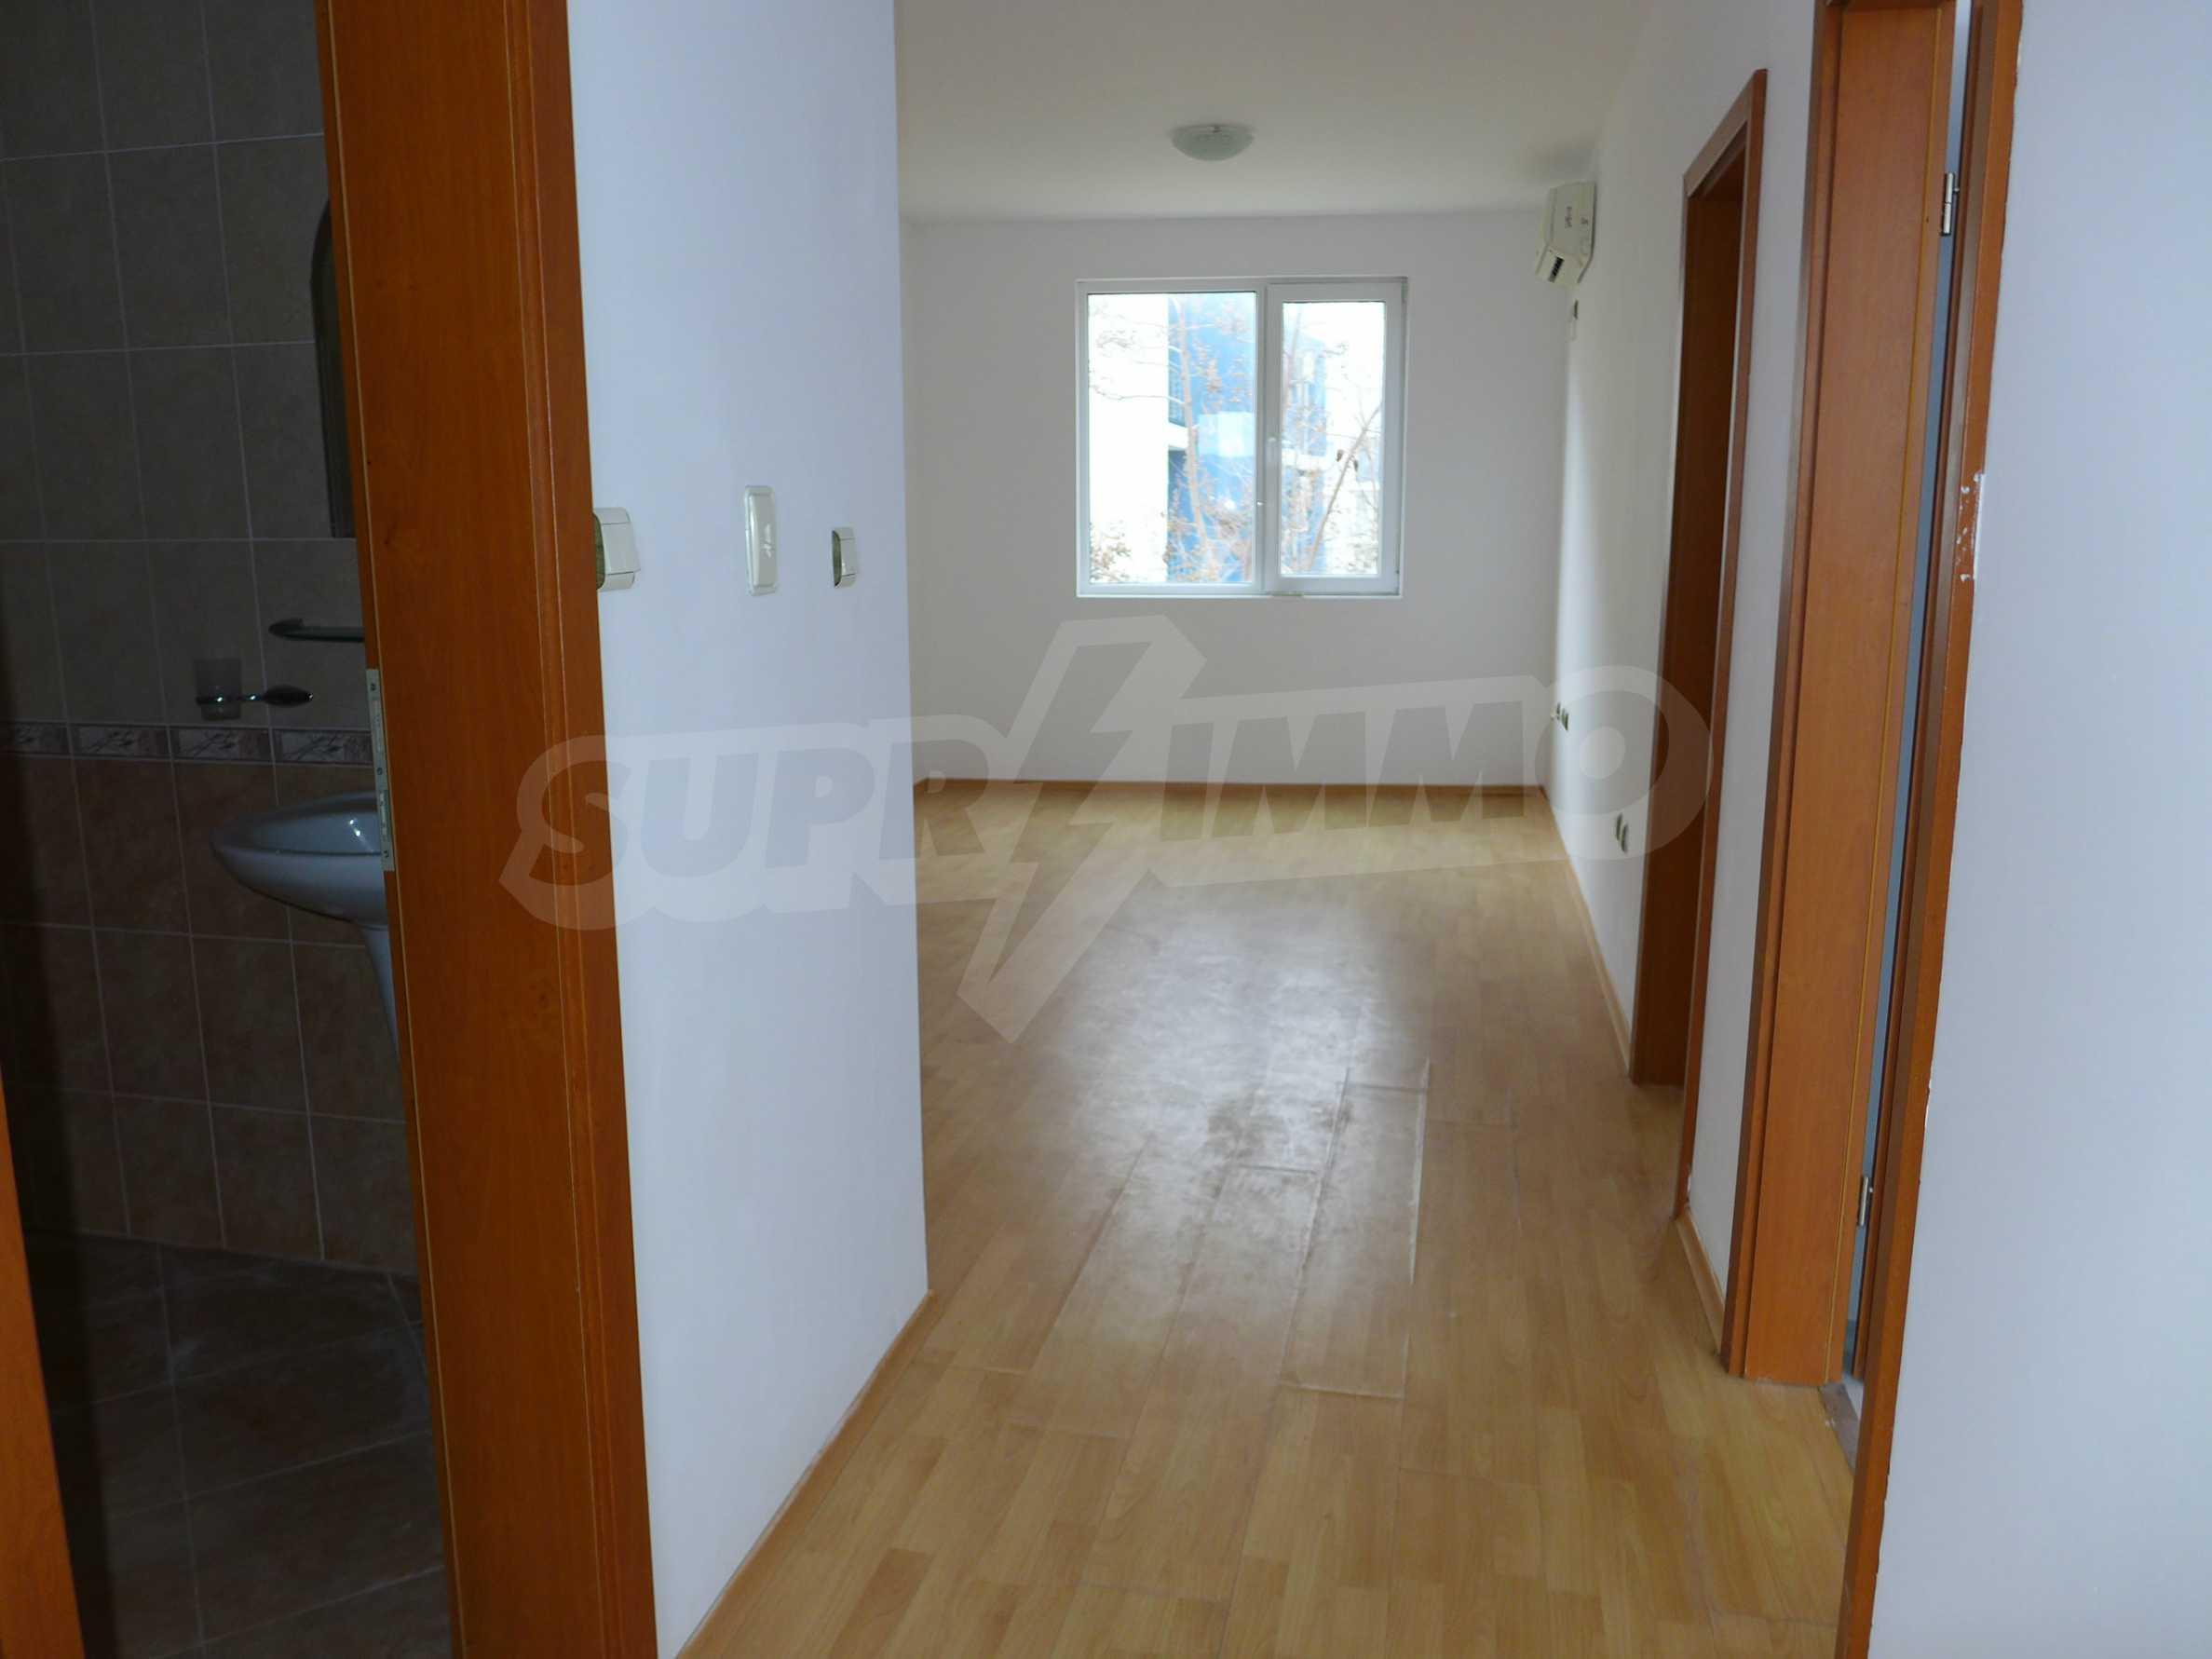 Geräumige Wohnung in einem modernen Komplex Sunny Day 3